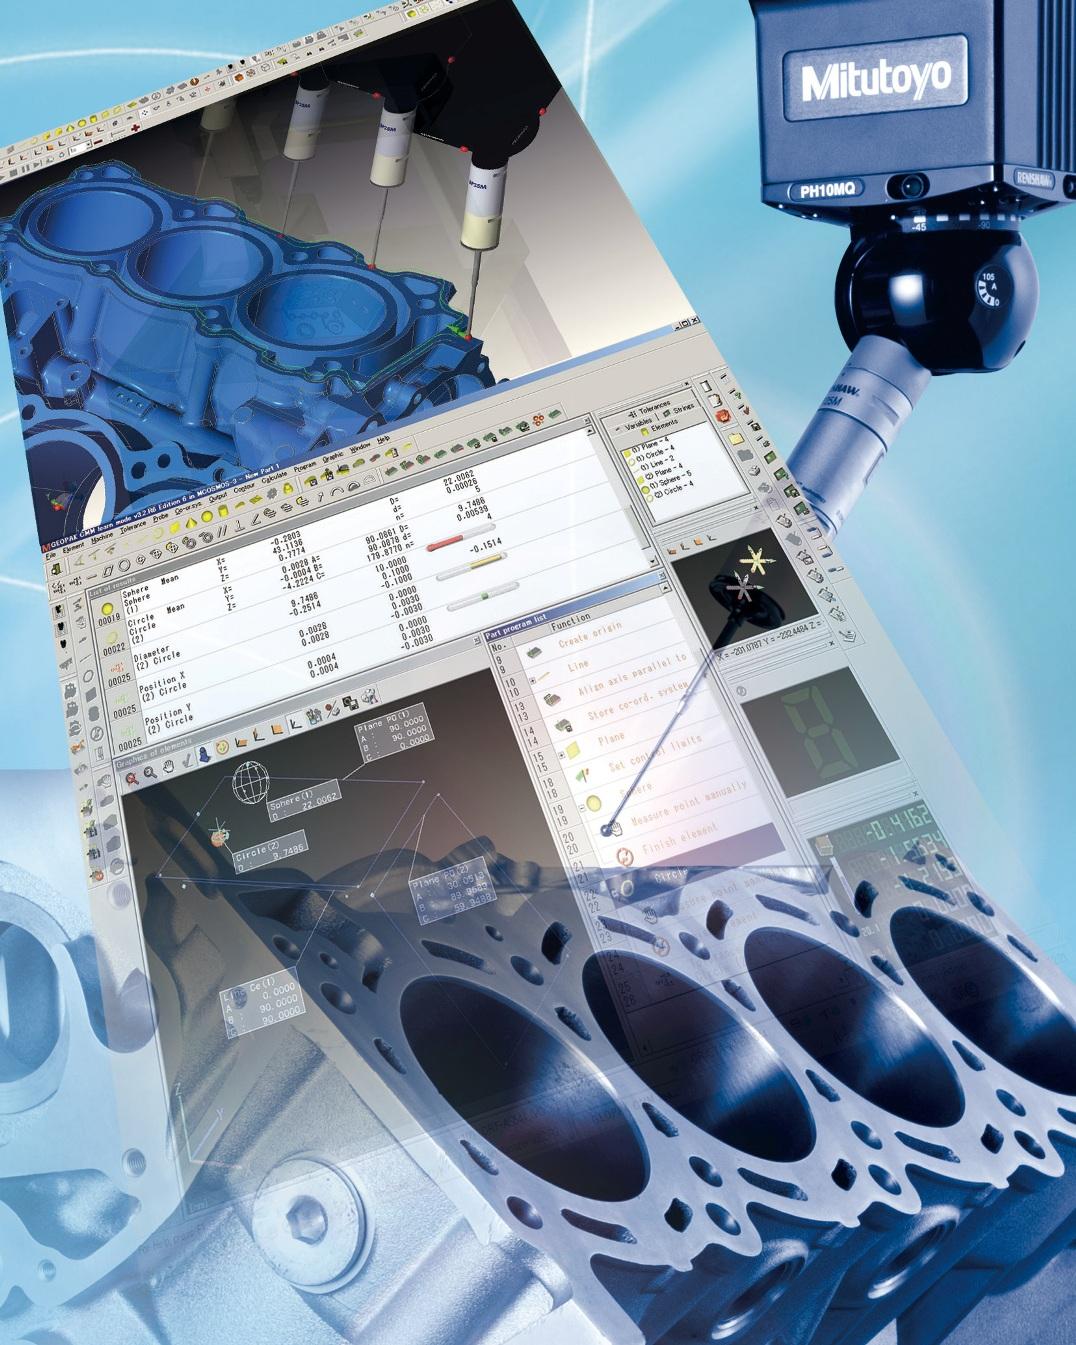 Mitutoyo MCOSMOS metrology software